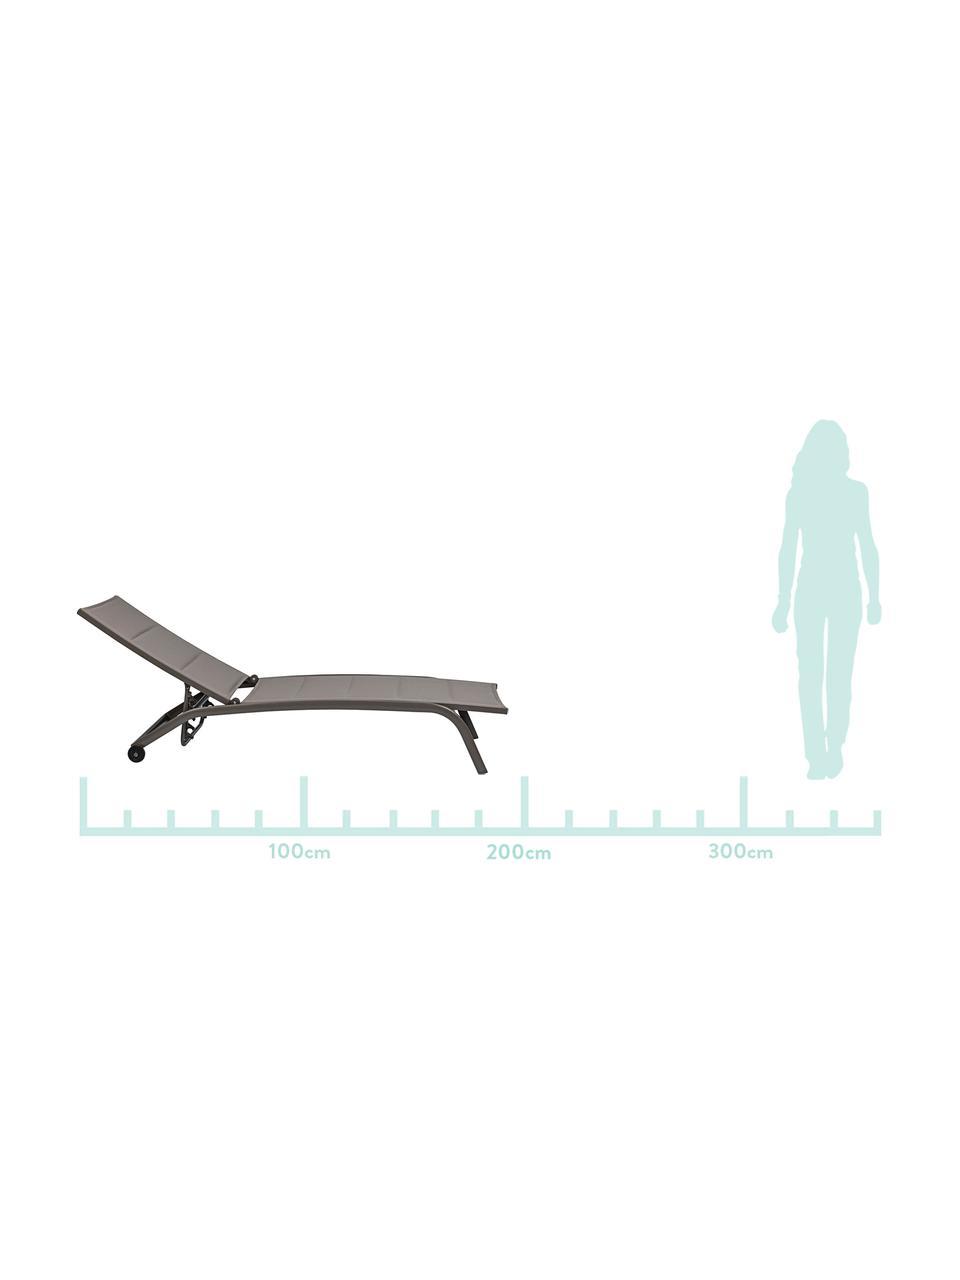 Gartenliege Cleo in Grau, Gestell: Aluminium, pulverbeschich, Rollen: Kunststoff, Taupe, Schwarz, 61 x 192 cm